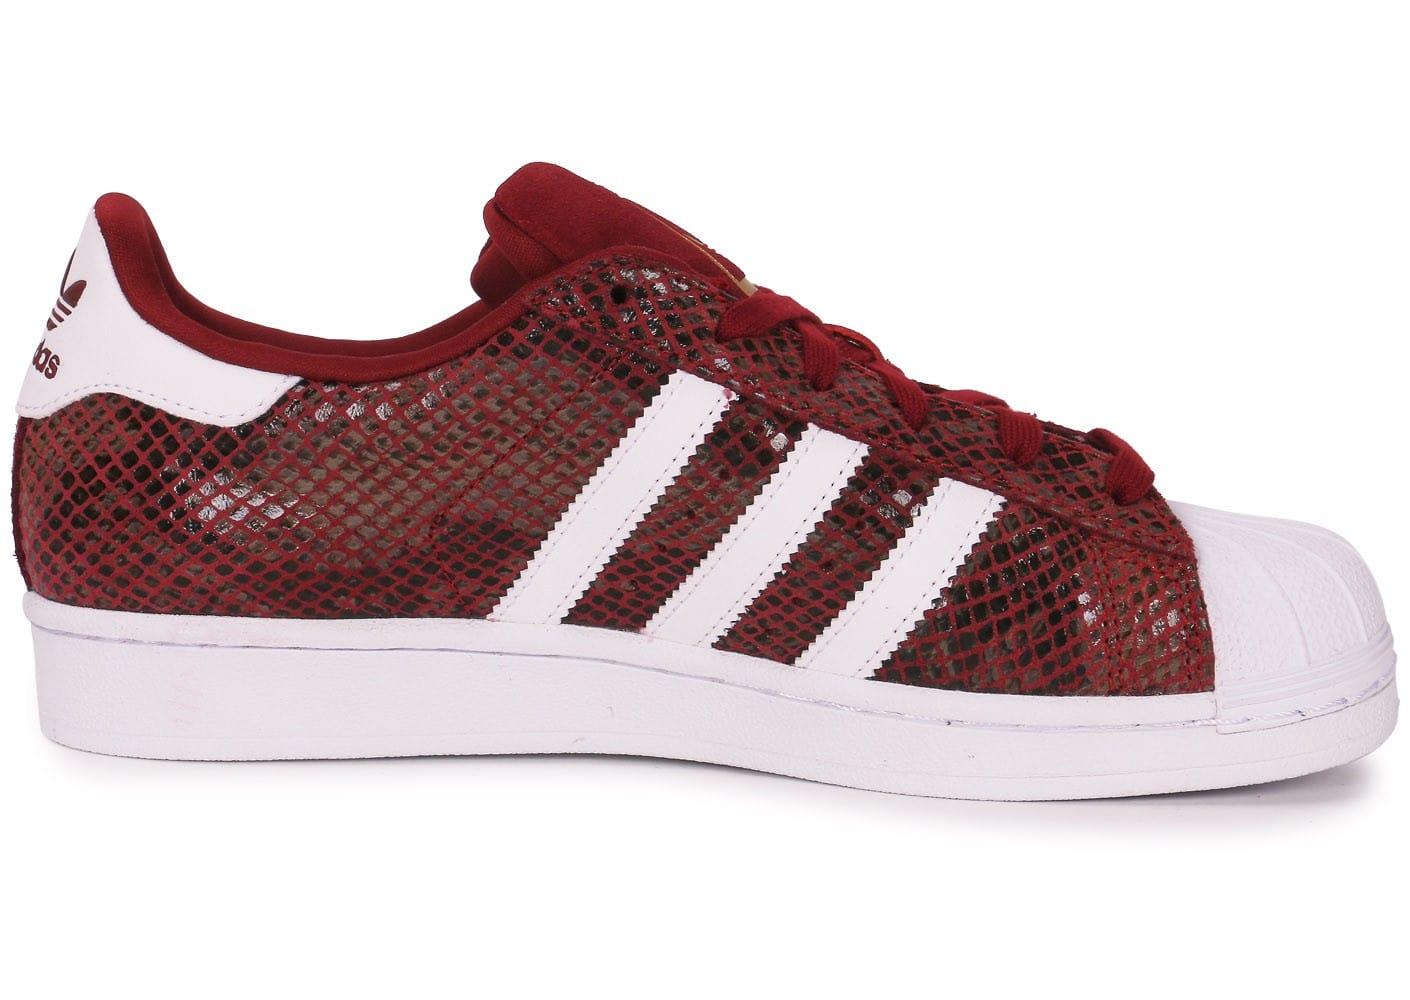 best cheap 4506c 41dc4 Découvrez le point de vente adidas superstar snake junior rouge pas cher.  Jusqu à 48% de réduction sur notre boutique en ligne sur  www.lesdemeuresdefrance. ...